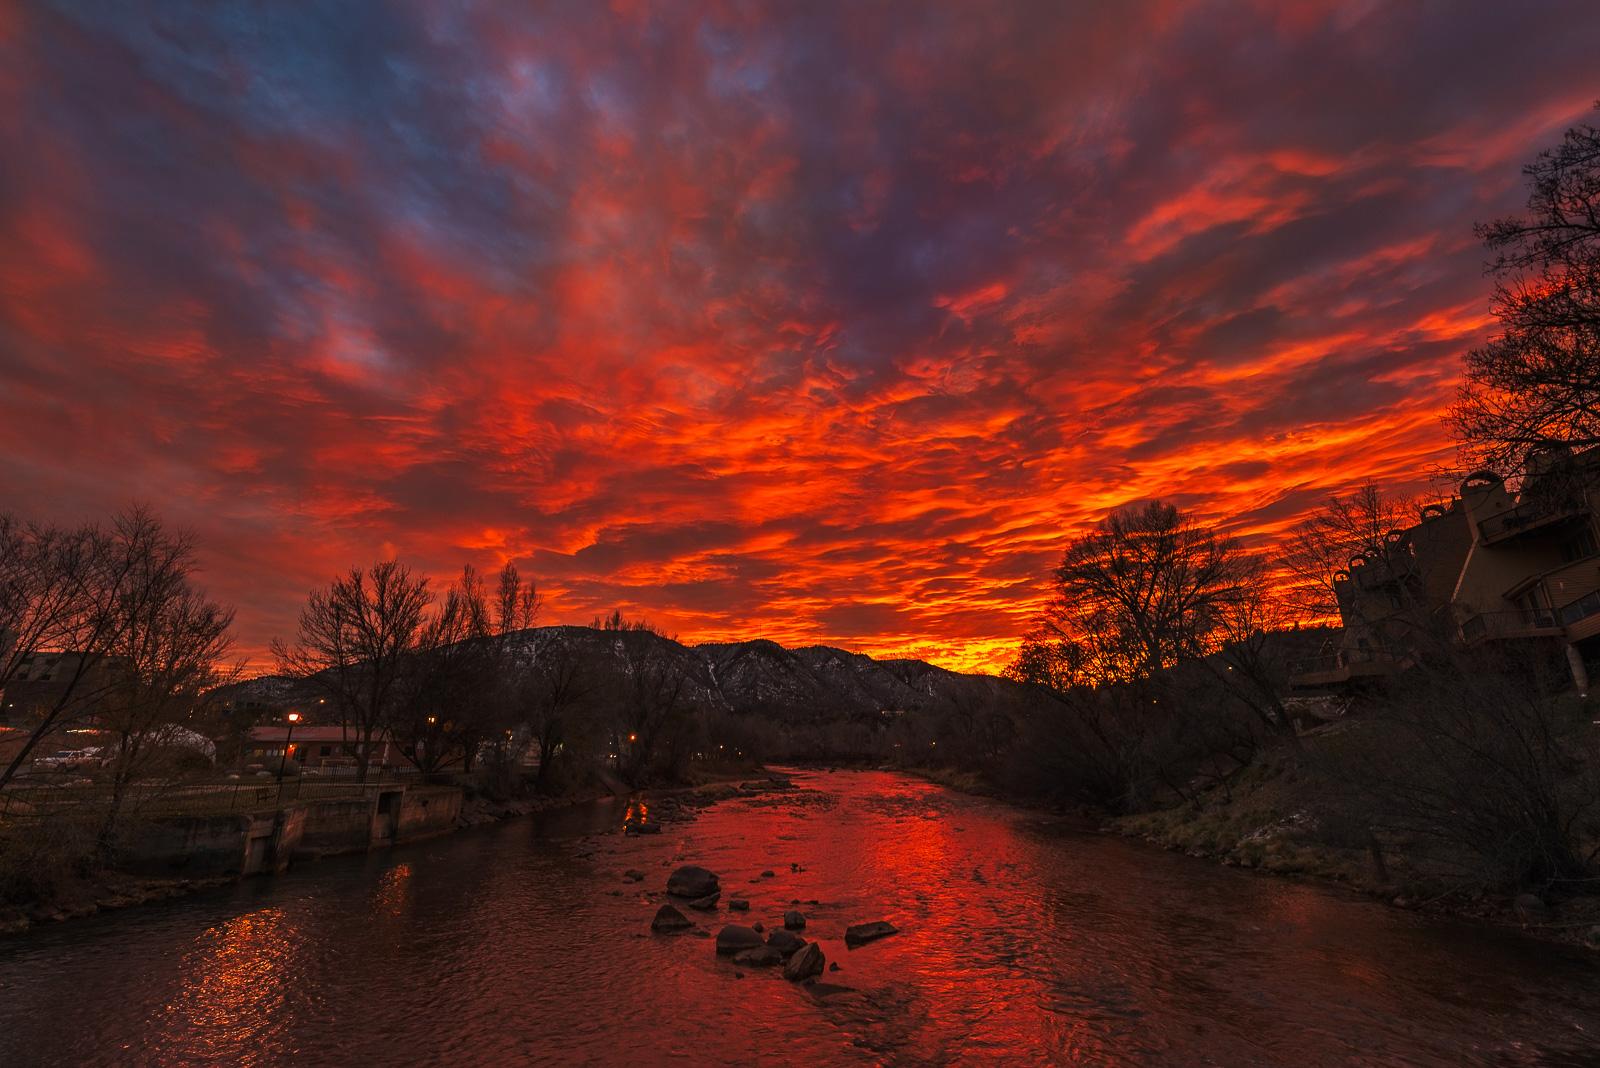 Animas River, Animas River Trail, Colorado, Durango, Landscape, Smelter Mountain, Southwest Colorado, Sunset, Thanksgiving, photo